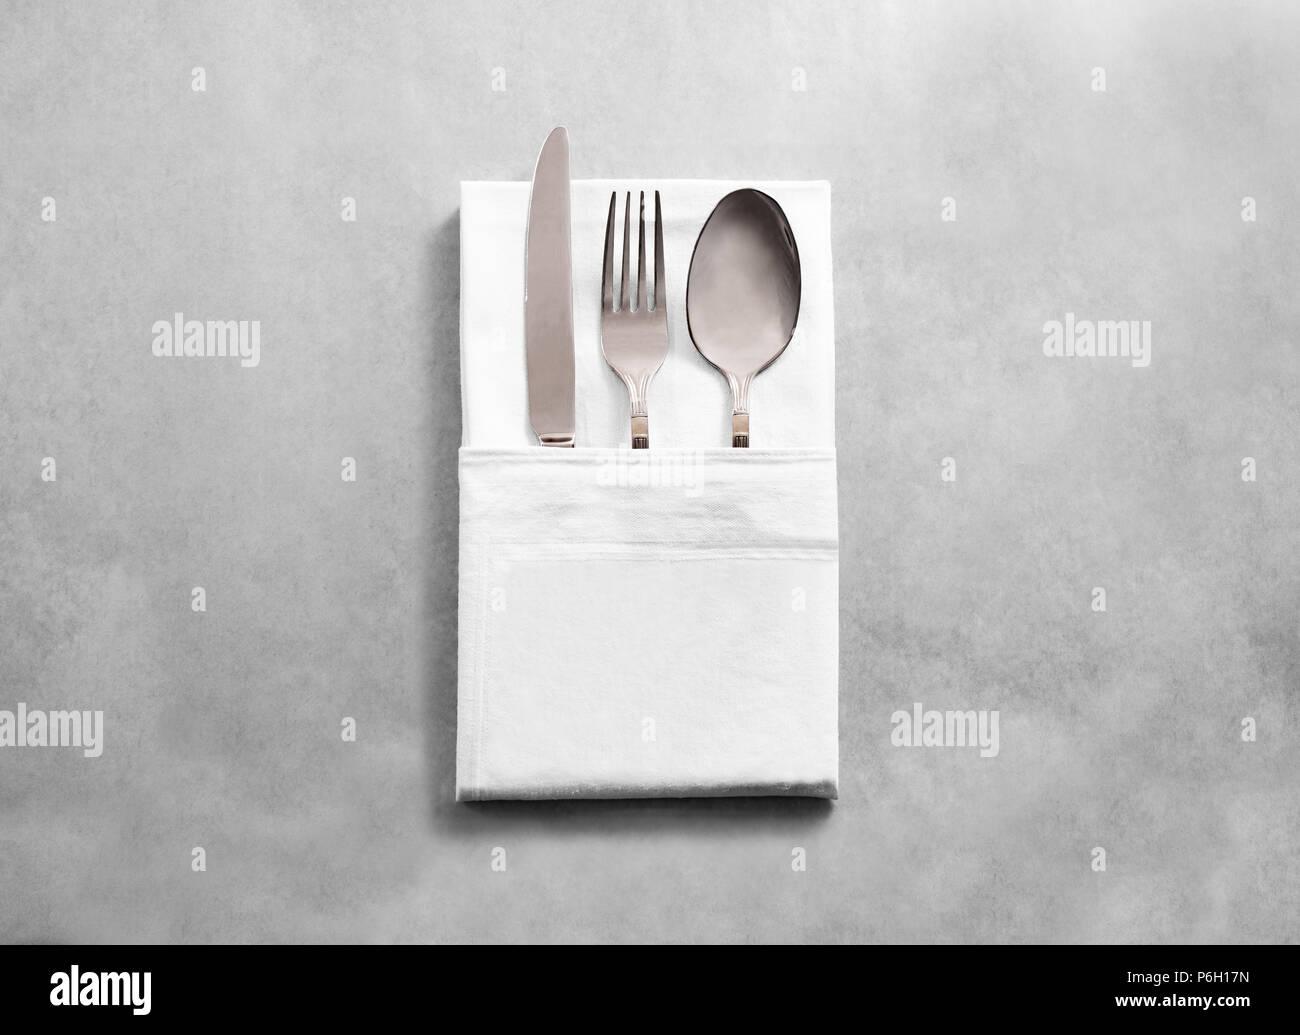 Posate Argento Come Pulirle vuoto bianco panno ristorante igienico mockup con argento